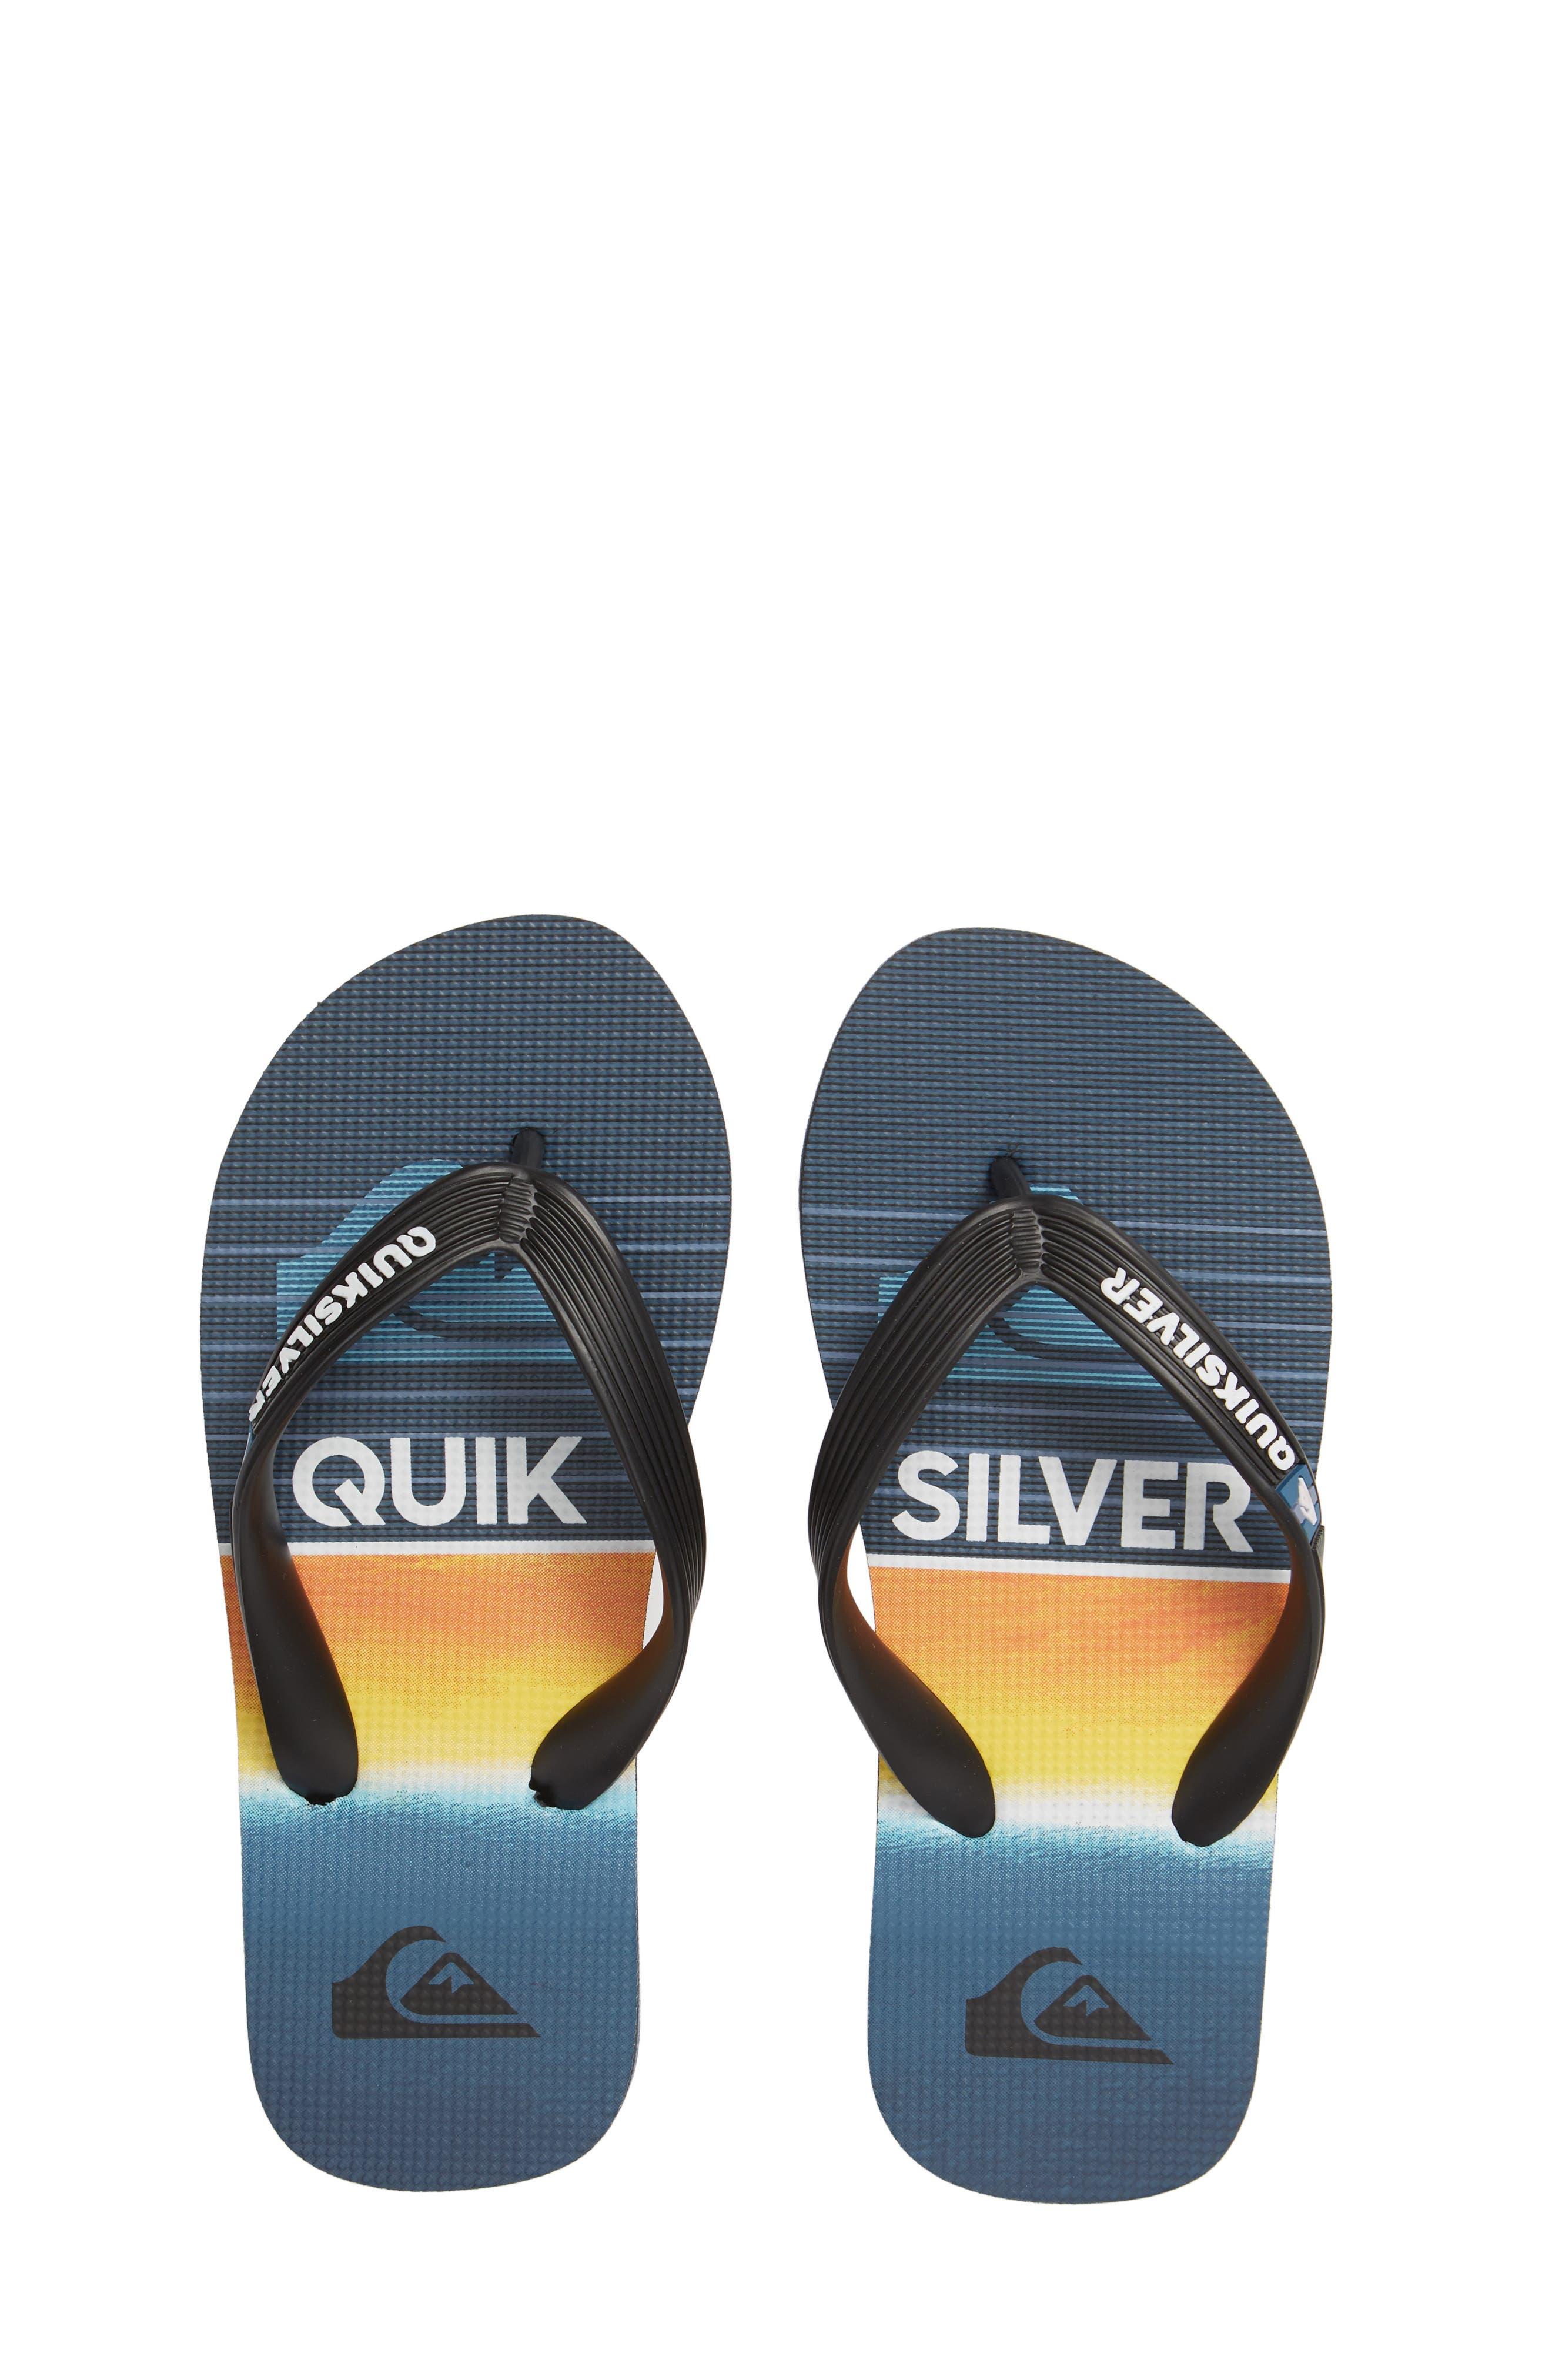 QUIKSILVER, Highline Slab Flip Flop, Main thumbnail 1, color, BLACK/ BLUE/ BLUE